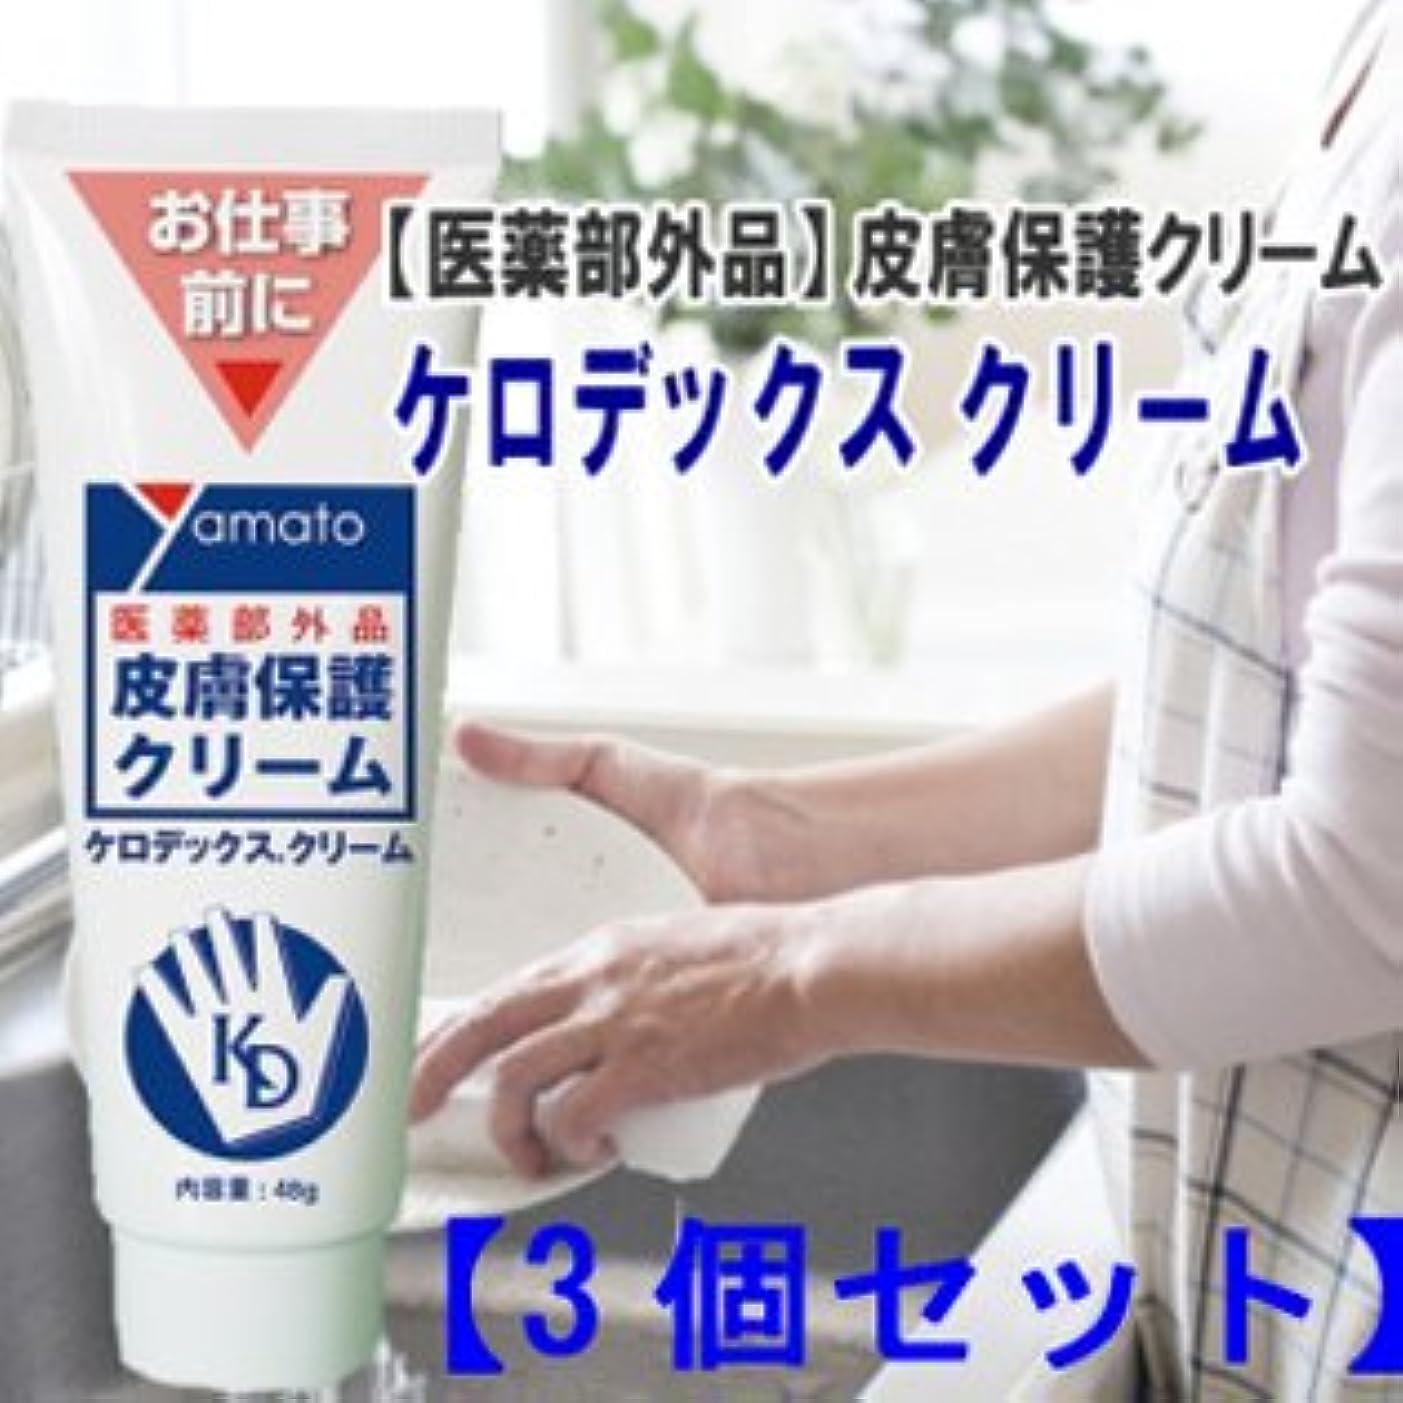 教育学カテナカップル医薬部外品 皮膚保護クリーム ケロデックスクリーム48g 3個セット